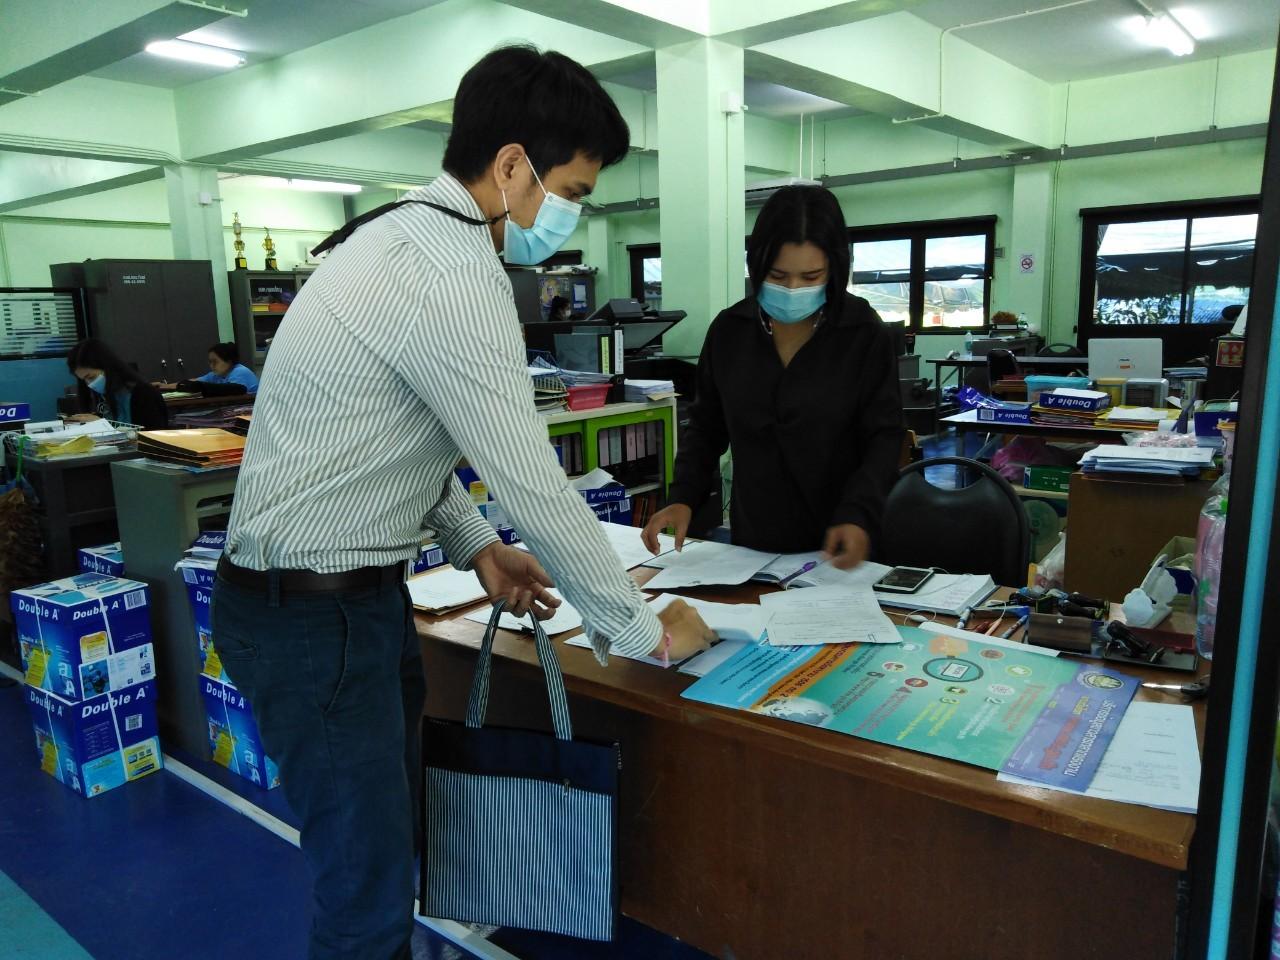 โครงการขยายเครือข่ายข้อมูลข่าวสารตลาดแรงงานสู่ตำบล หมู่บ้าน ในพื้นที่จังหวัดตราด